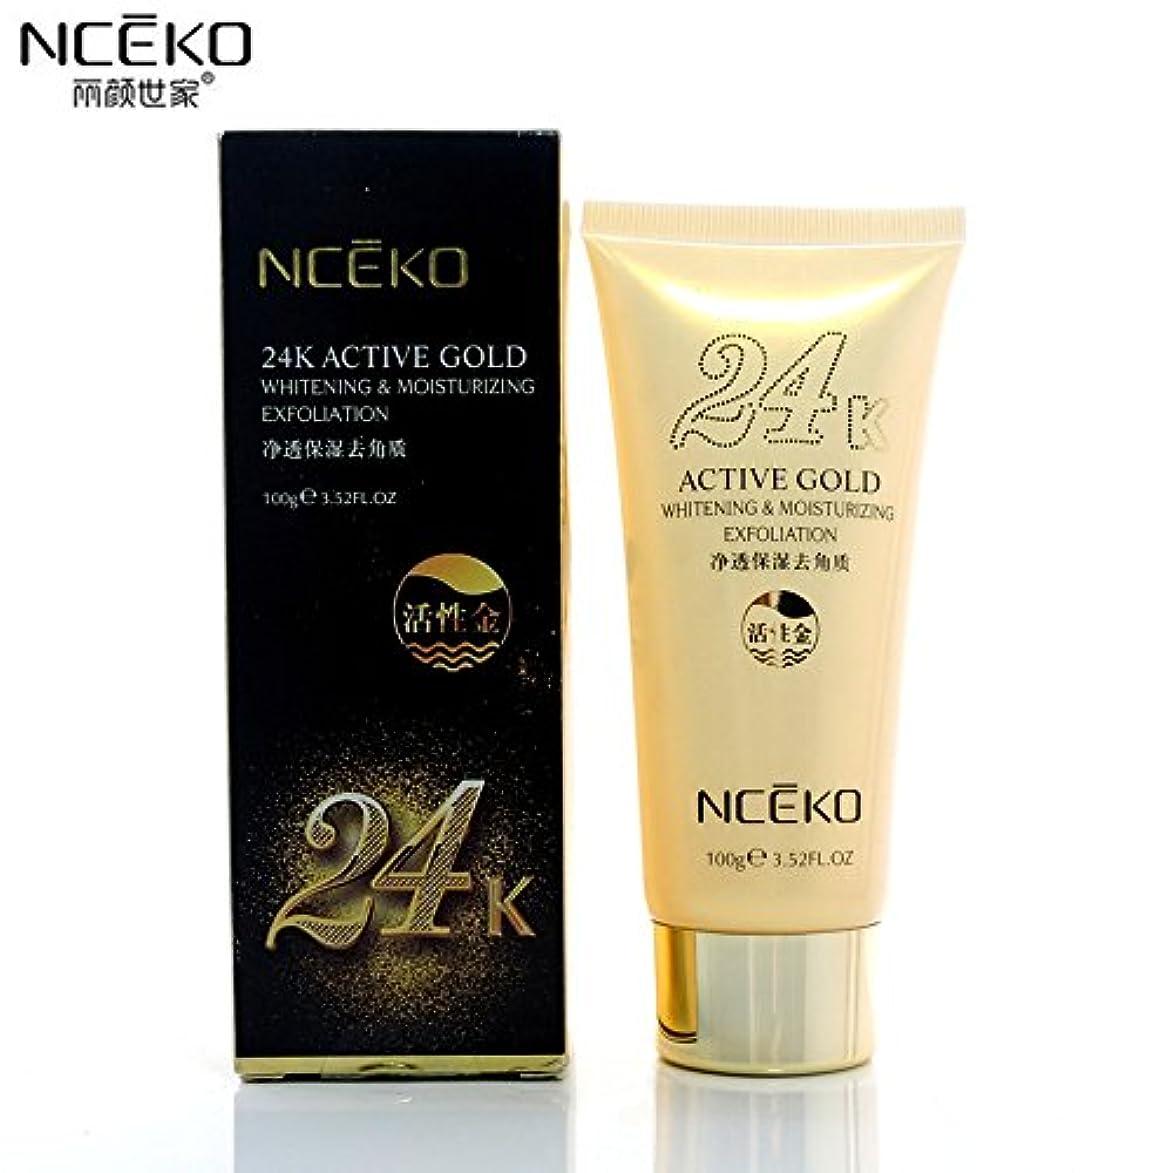 有毒対応一杯NCEKO 24Kアクティブフェイスクリームモイスチャライジングエクスフォリエイティングフェイスケアアンチリンクルエイジング寧ブライトニングクリーム